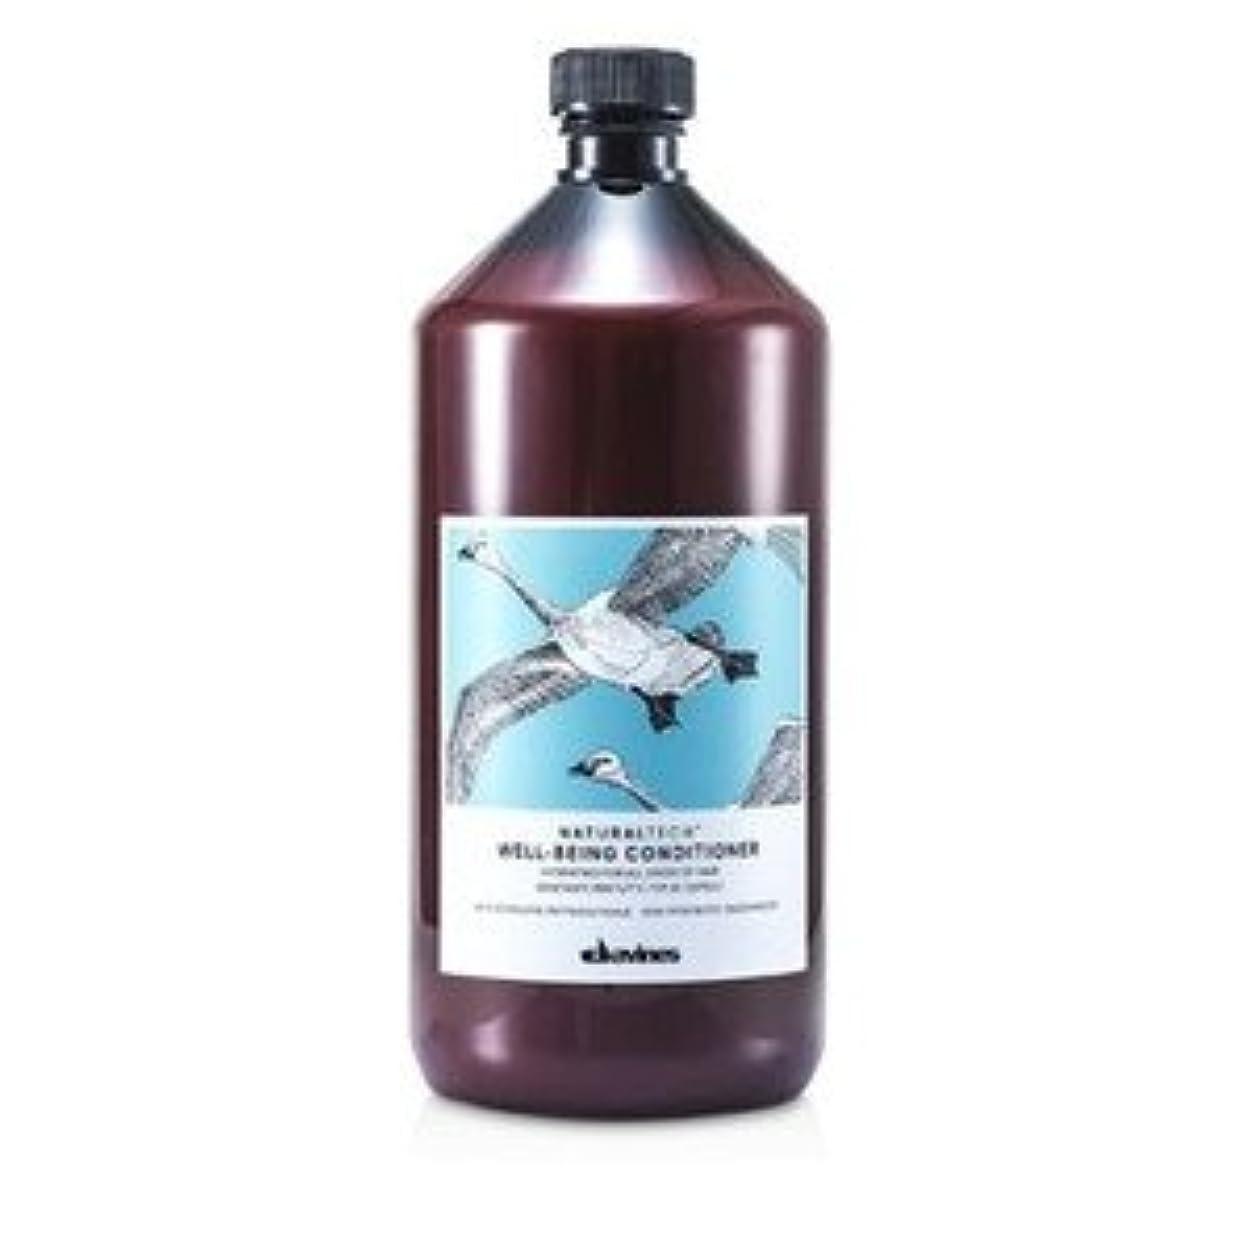 バランス蚊証拠davines(ダヴィネス) ナチュラル テック ウェルビーイング コンディショナー 1000ml/33.8oz [並行輸入品]